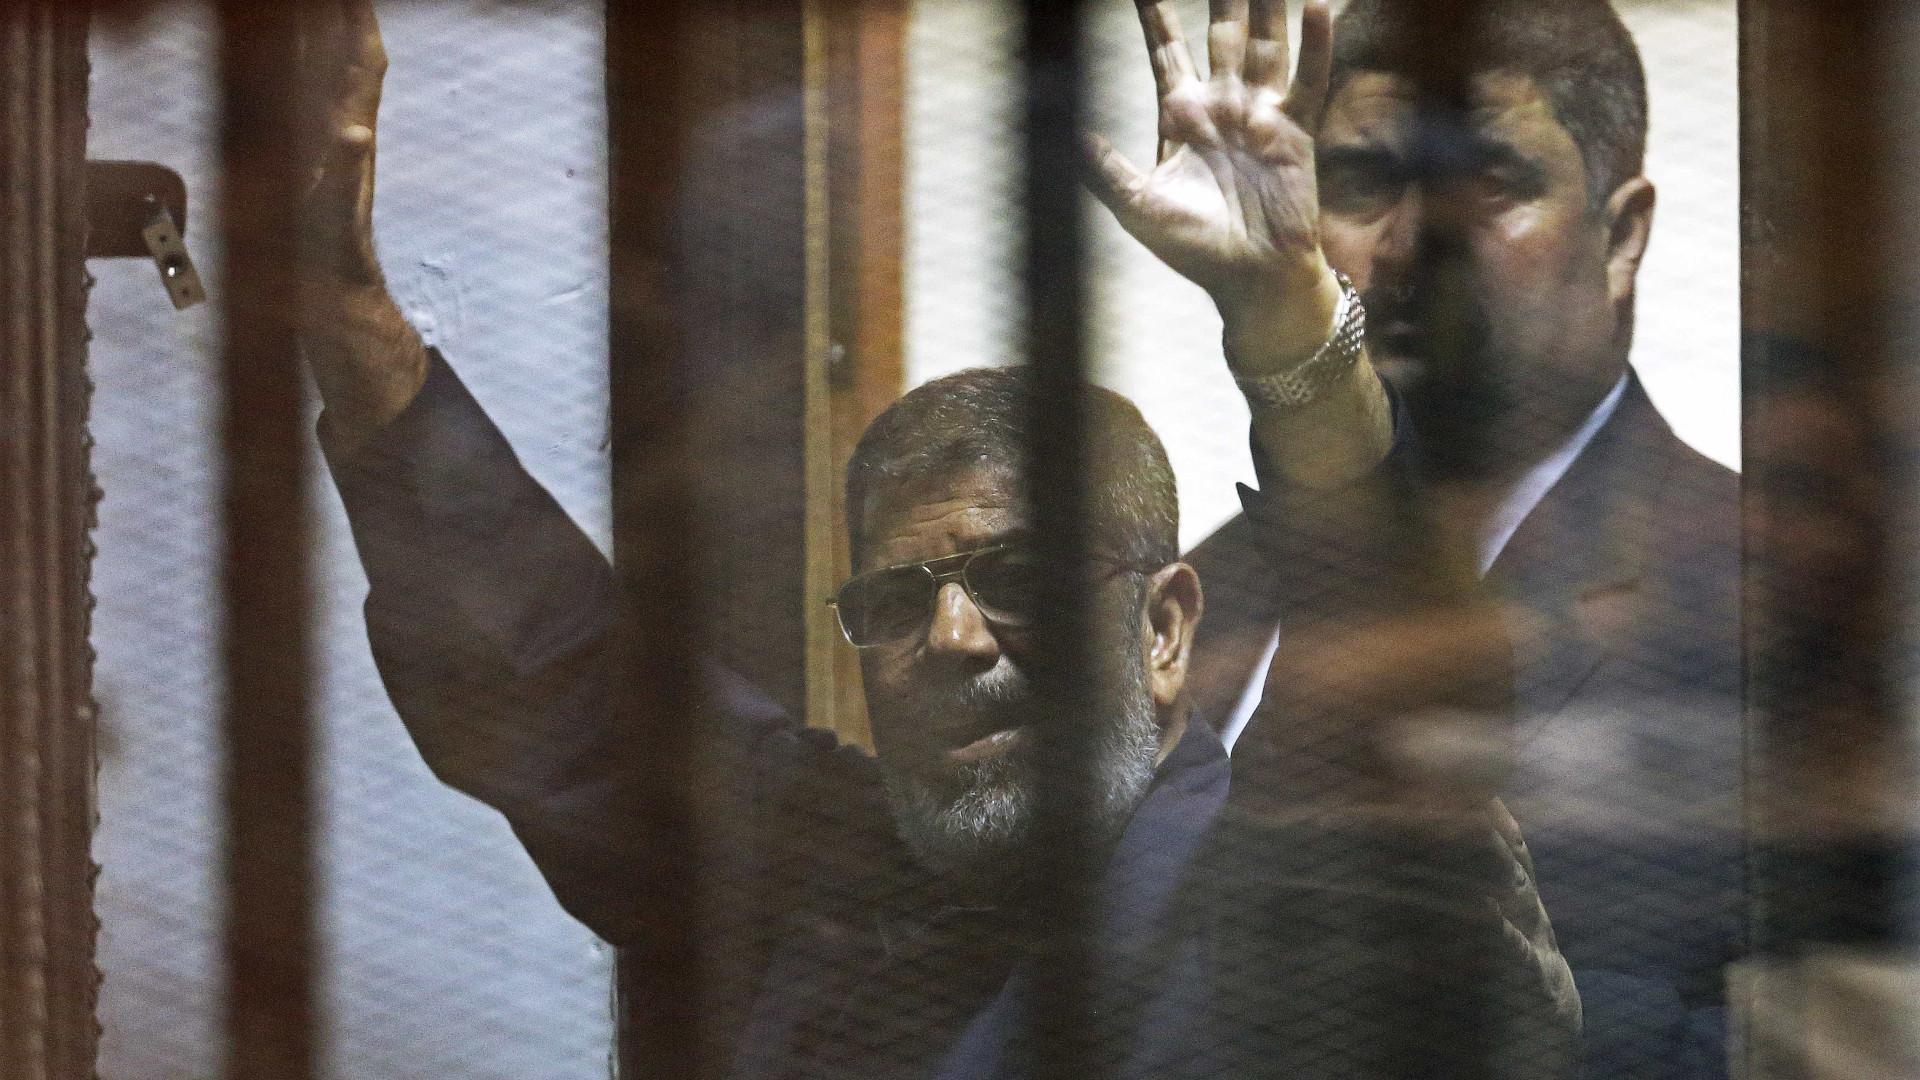 Tribunal confirma prisão perpétua para ex-presidente Mohamed Morsi